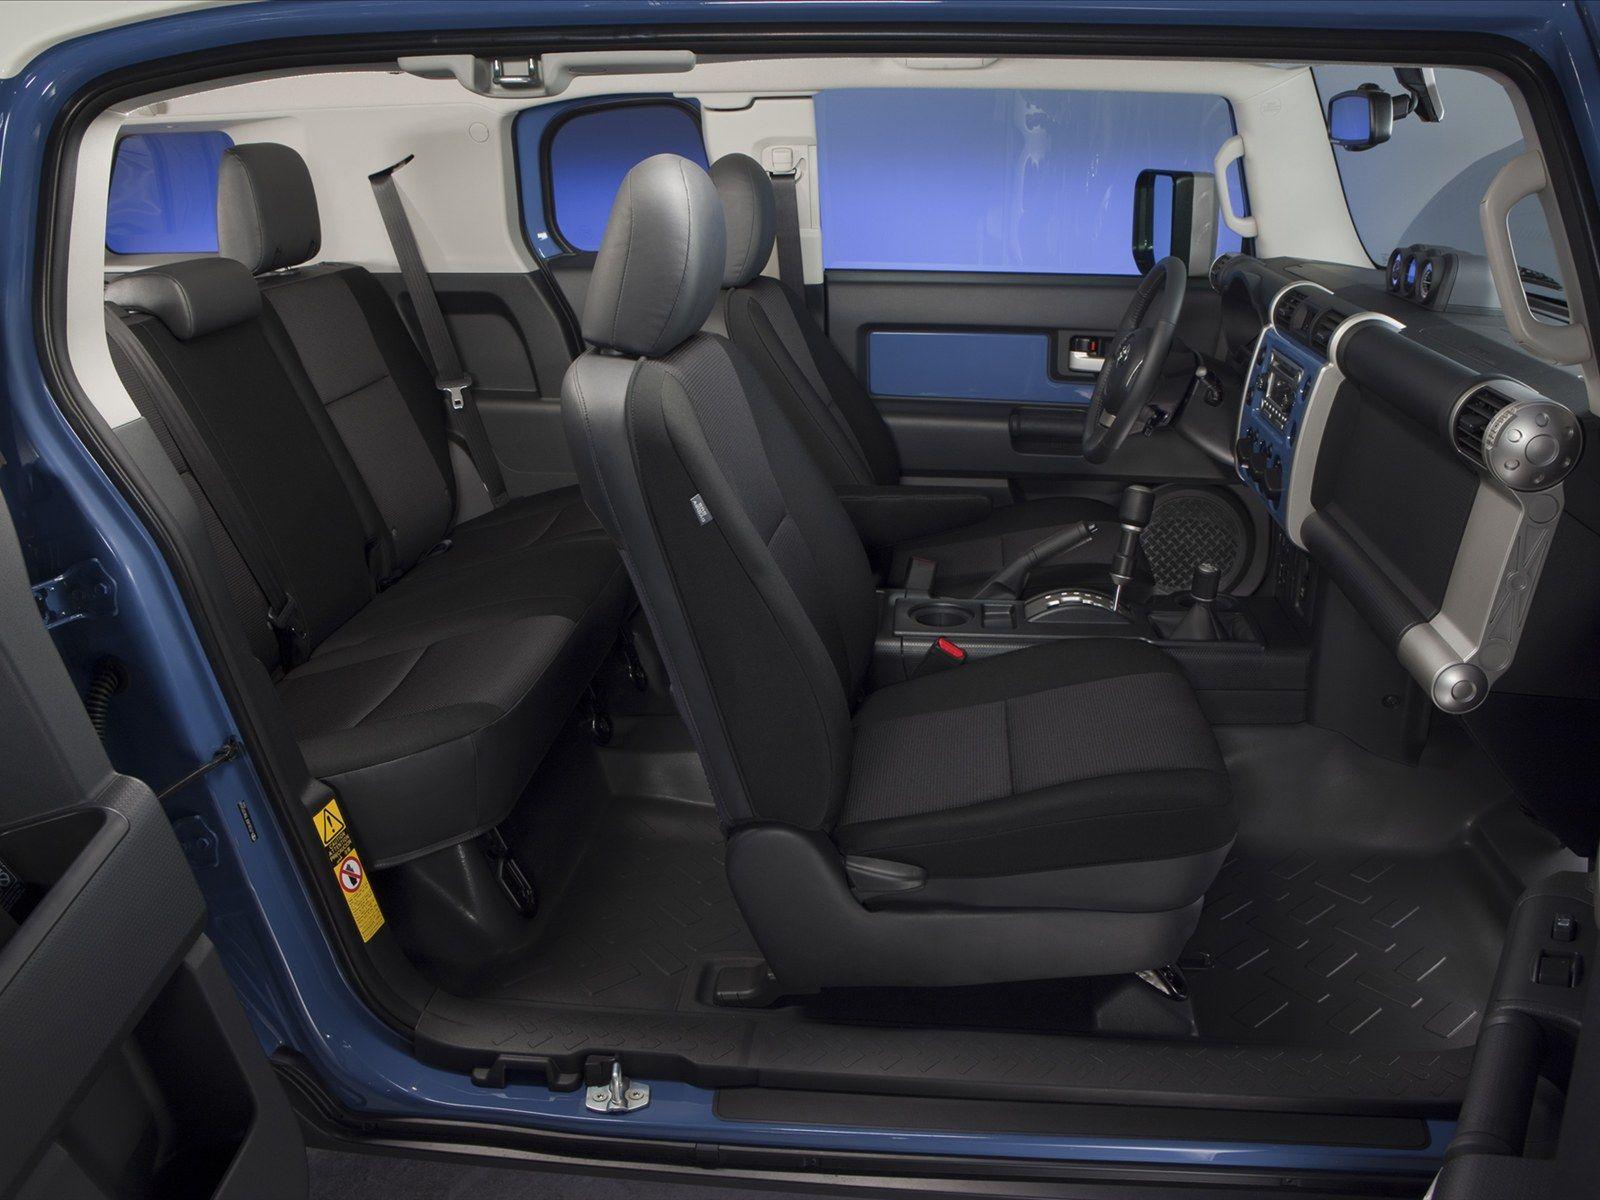 2017 Toyota FJ Cruiser Interior Seat Pictures (1280×800)   Vehicles For  New Adventures   Pinterest   Fj Cruiser Interior, Fj Cruiser And Toyota FJ  ...